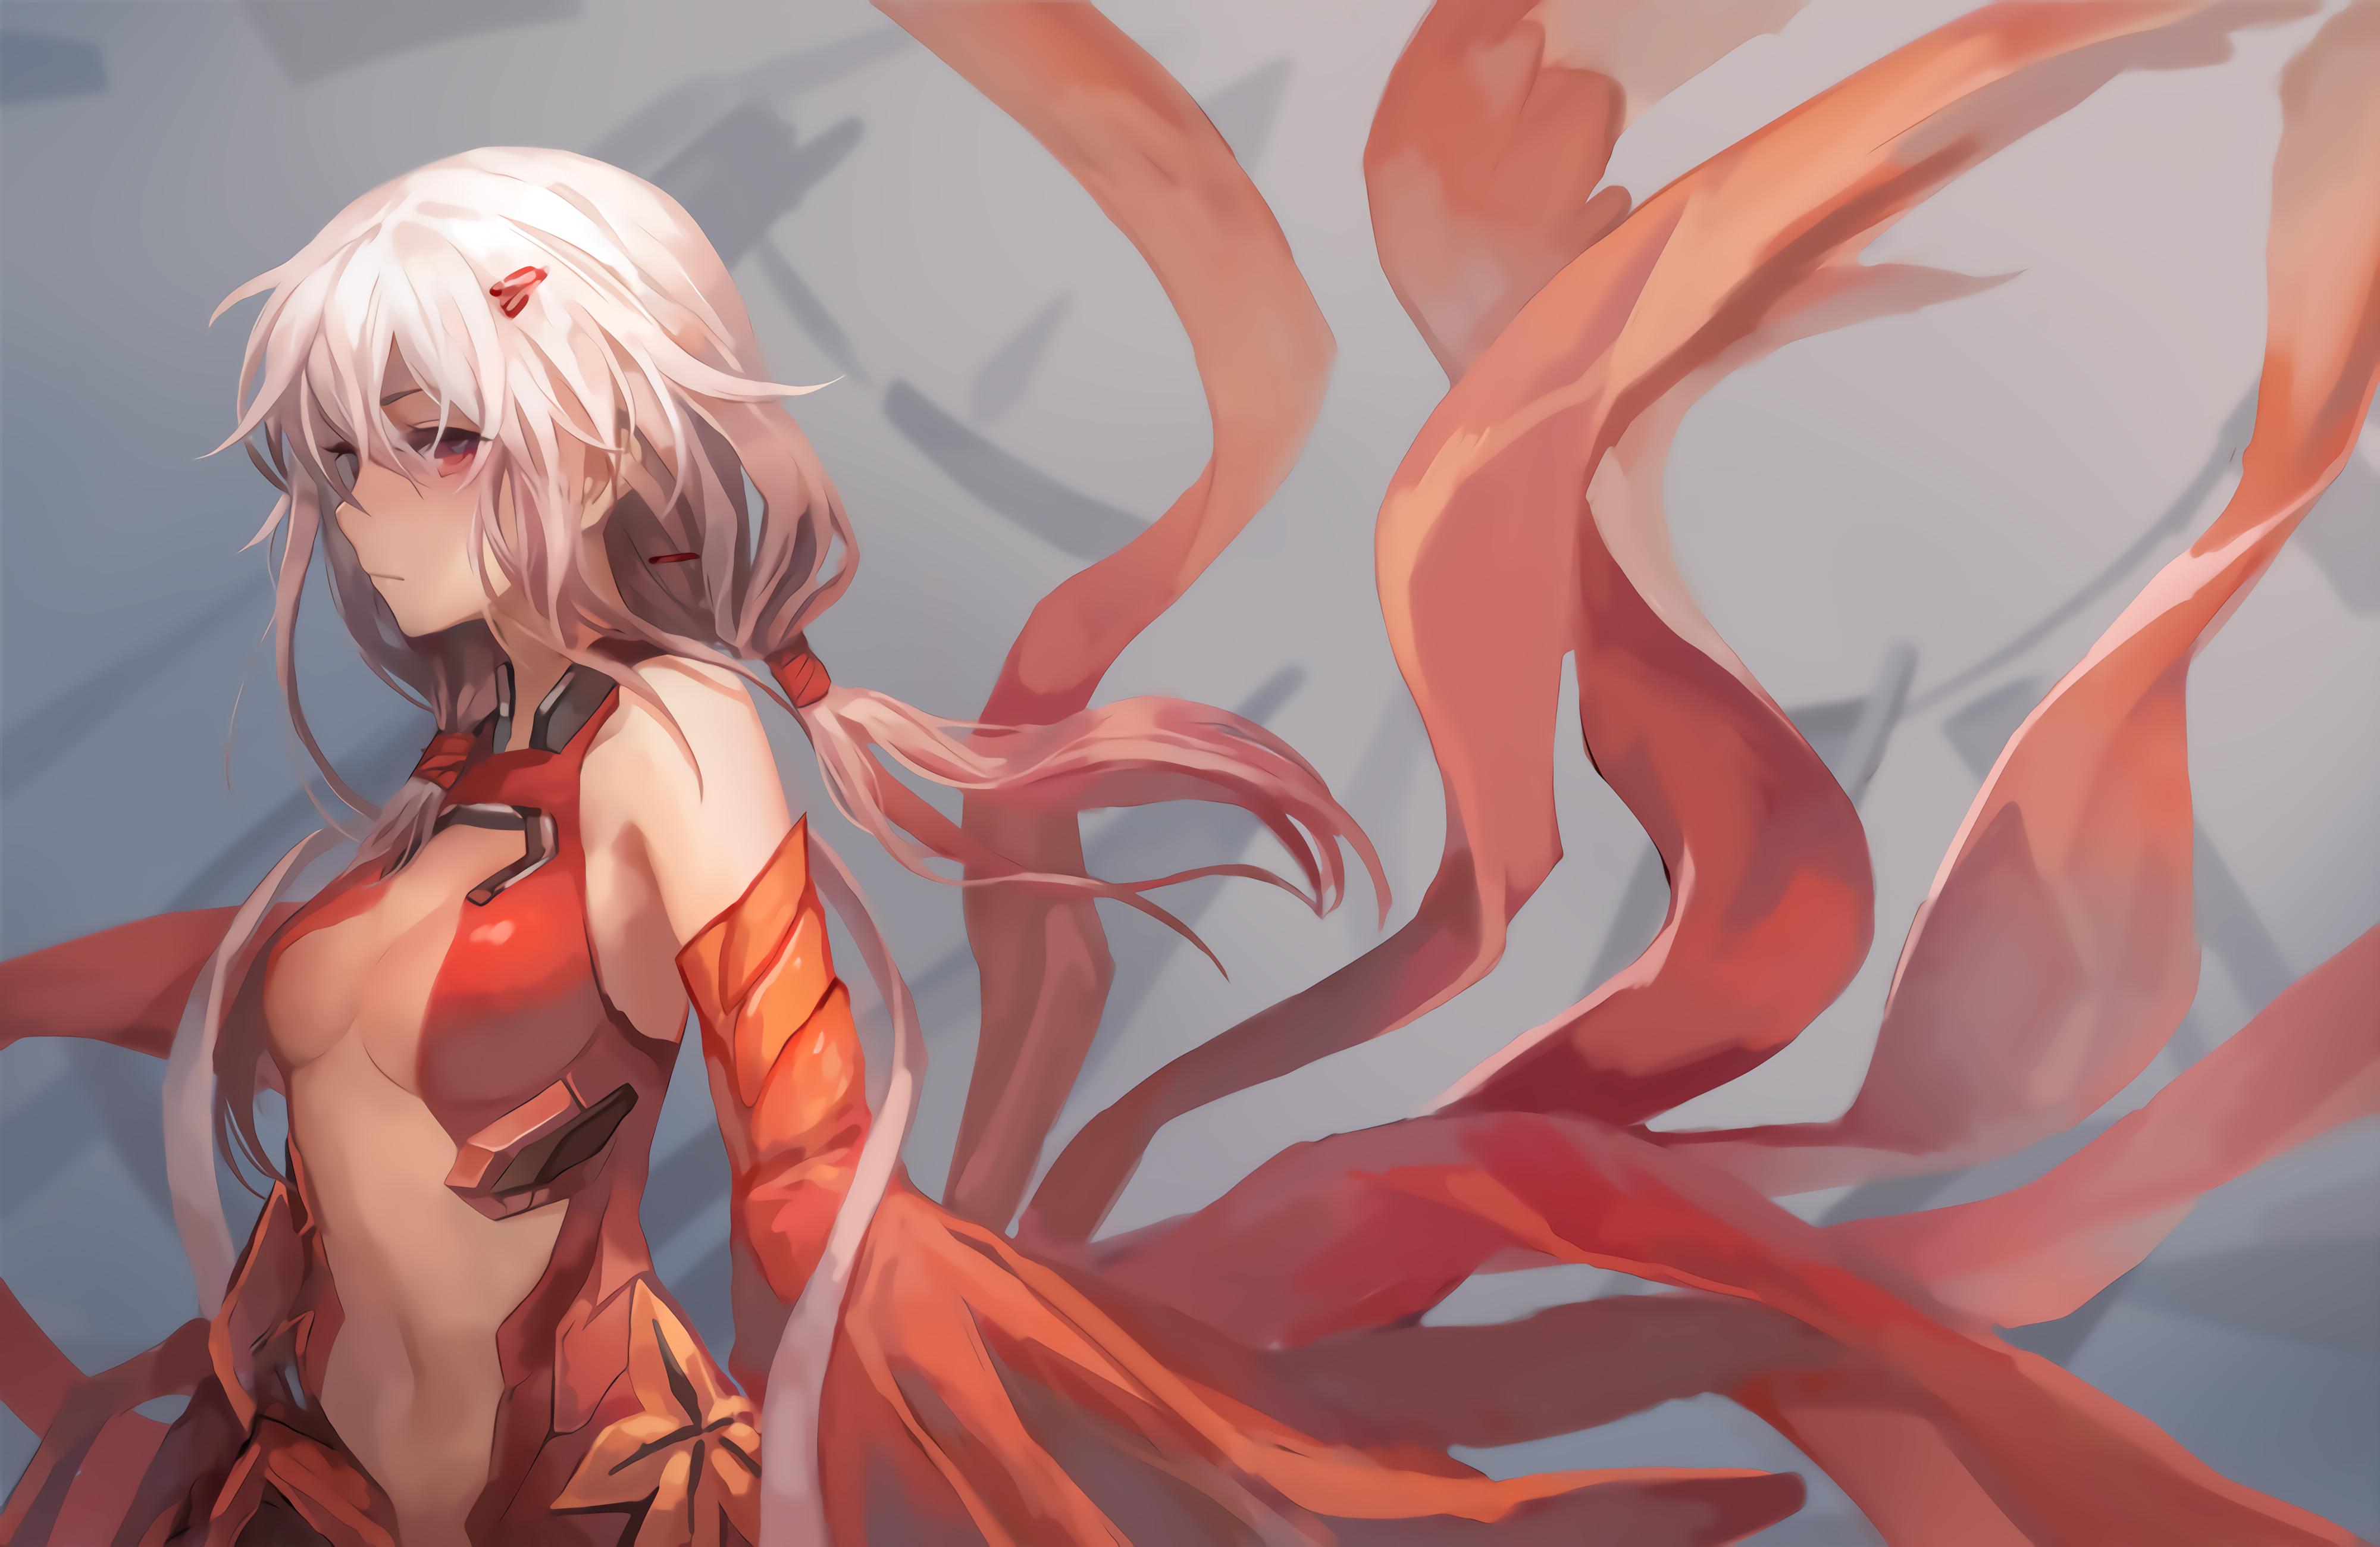 inori yuzuriha android